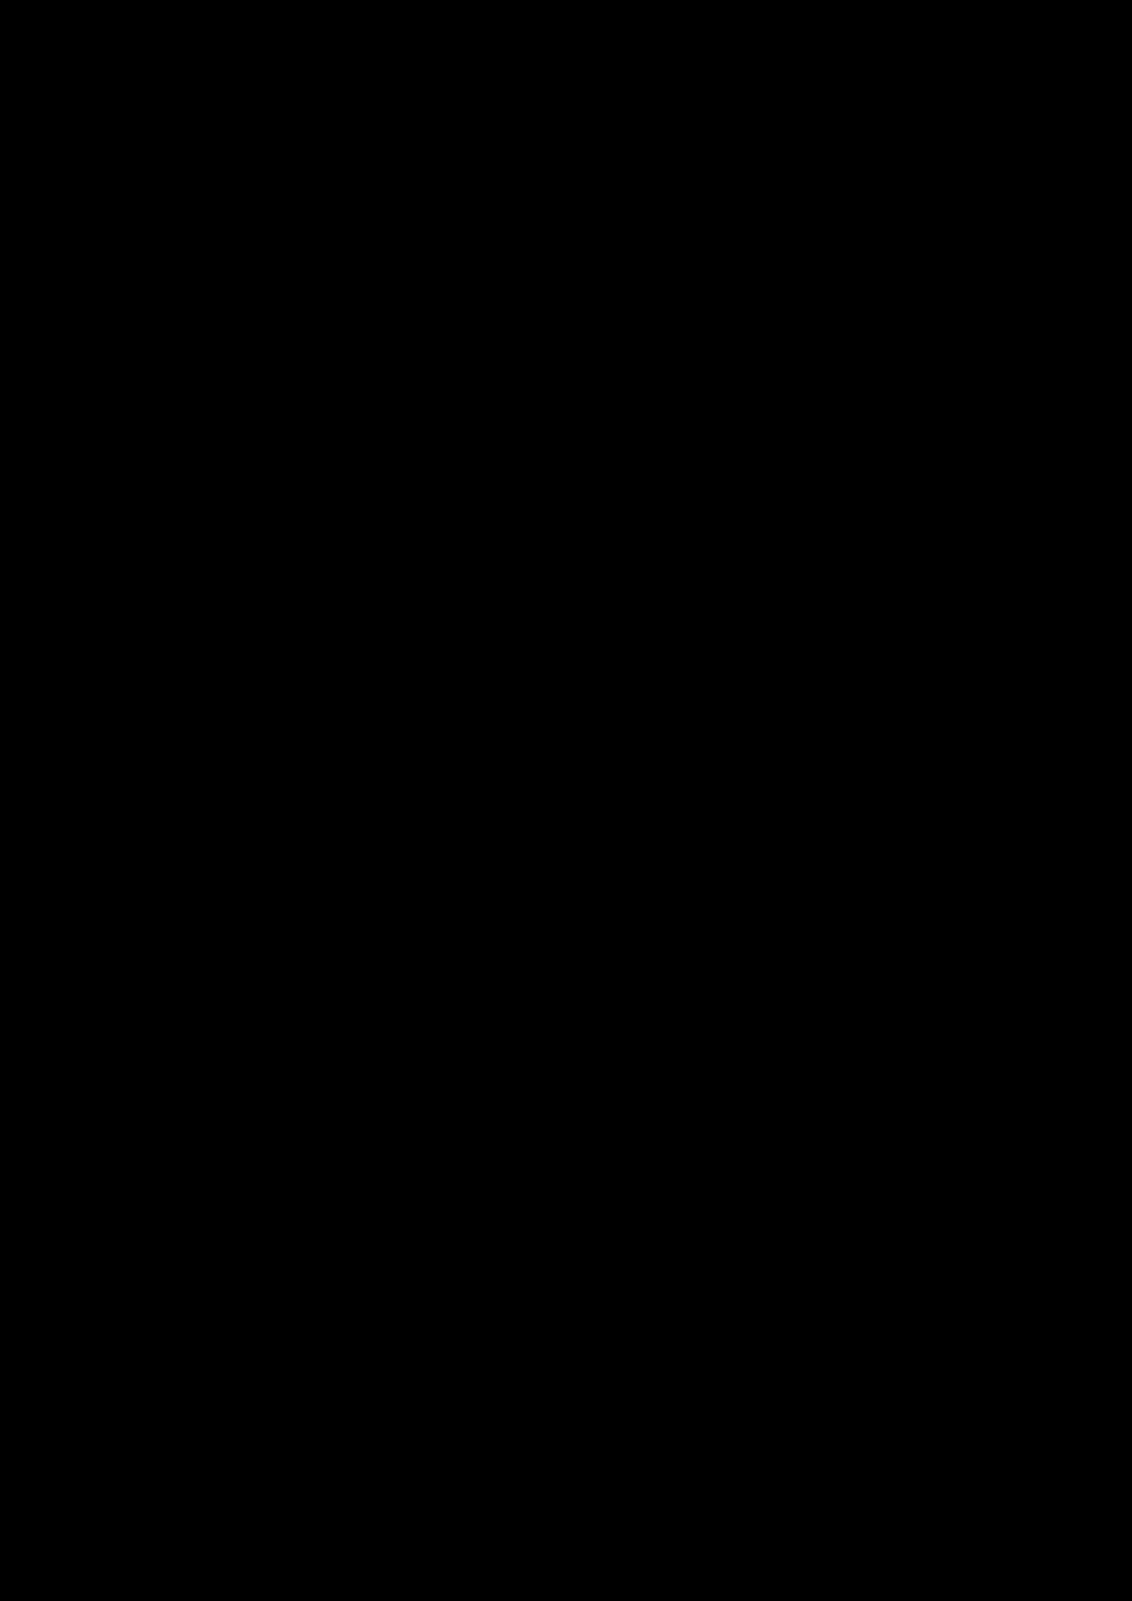 Vyibor Est slide, Image 24